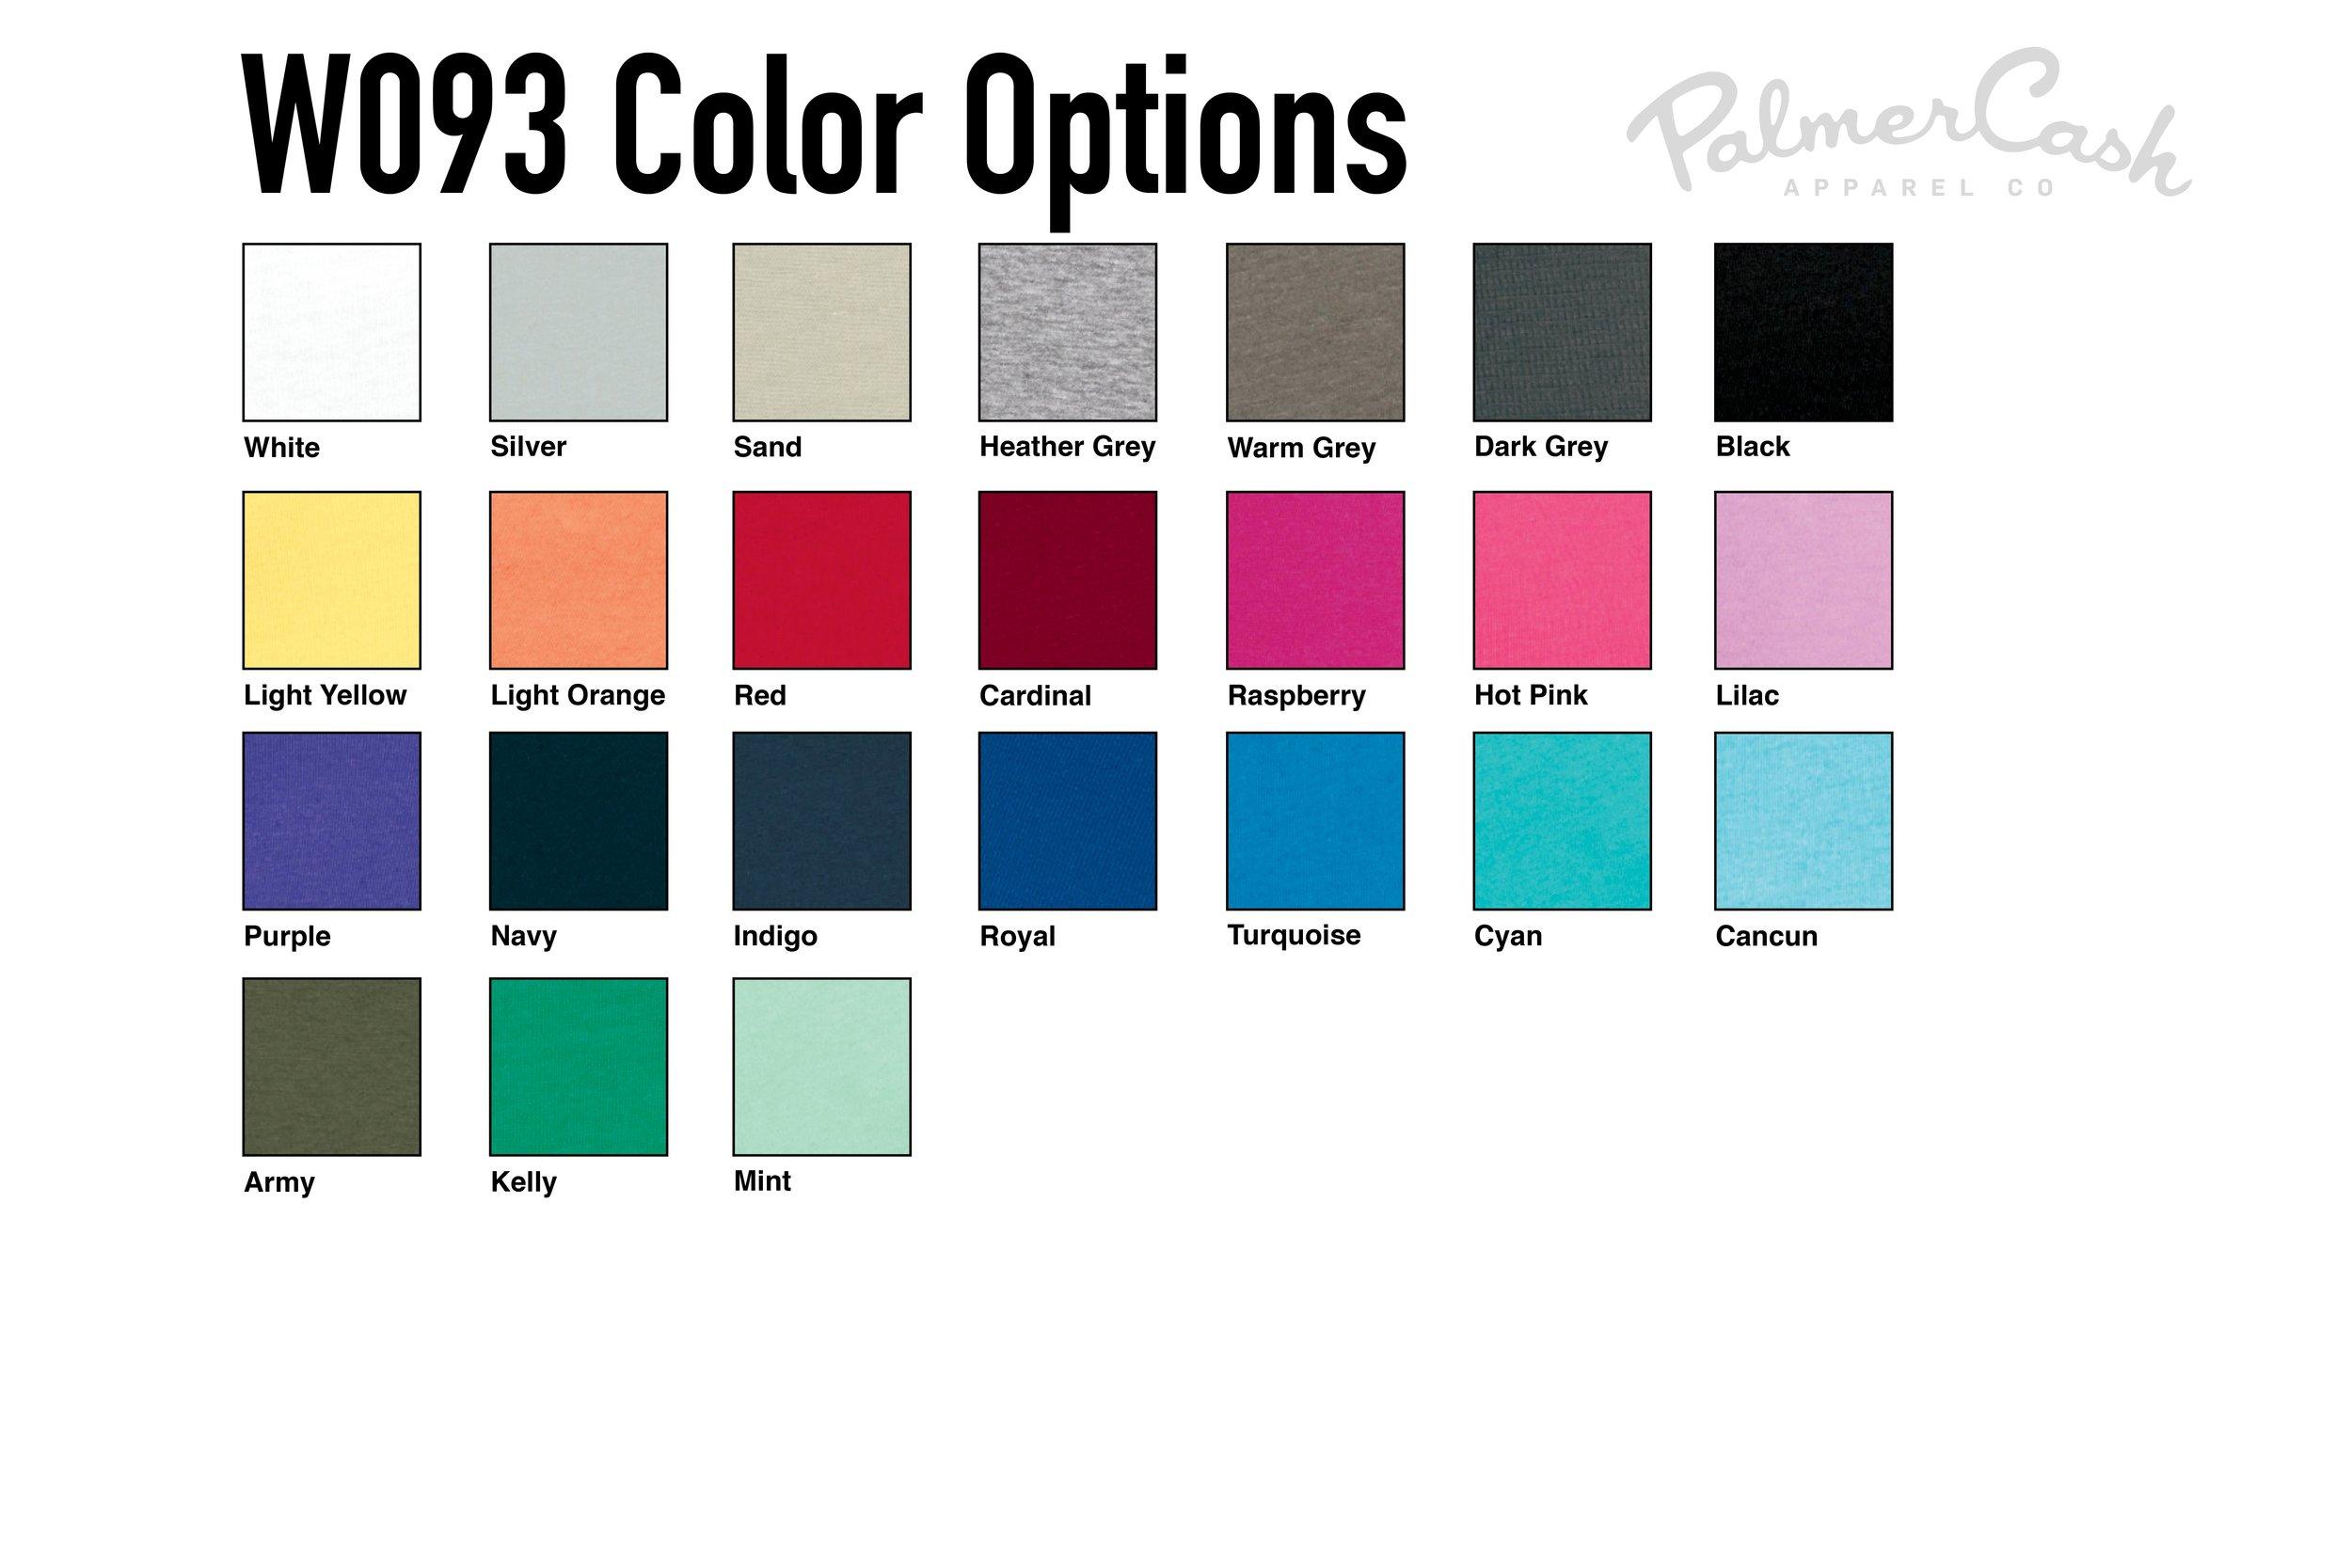 PC_W093_Color_Options_Web-01.jpg